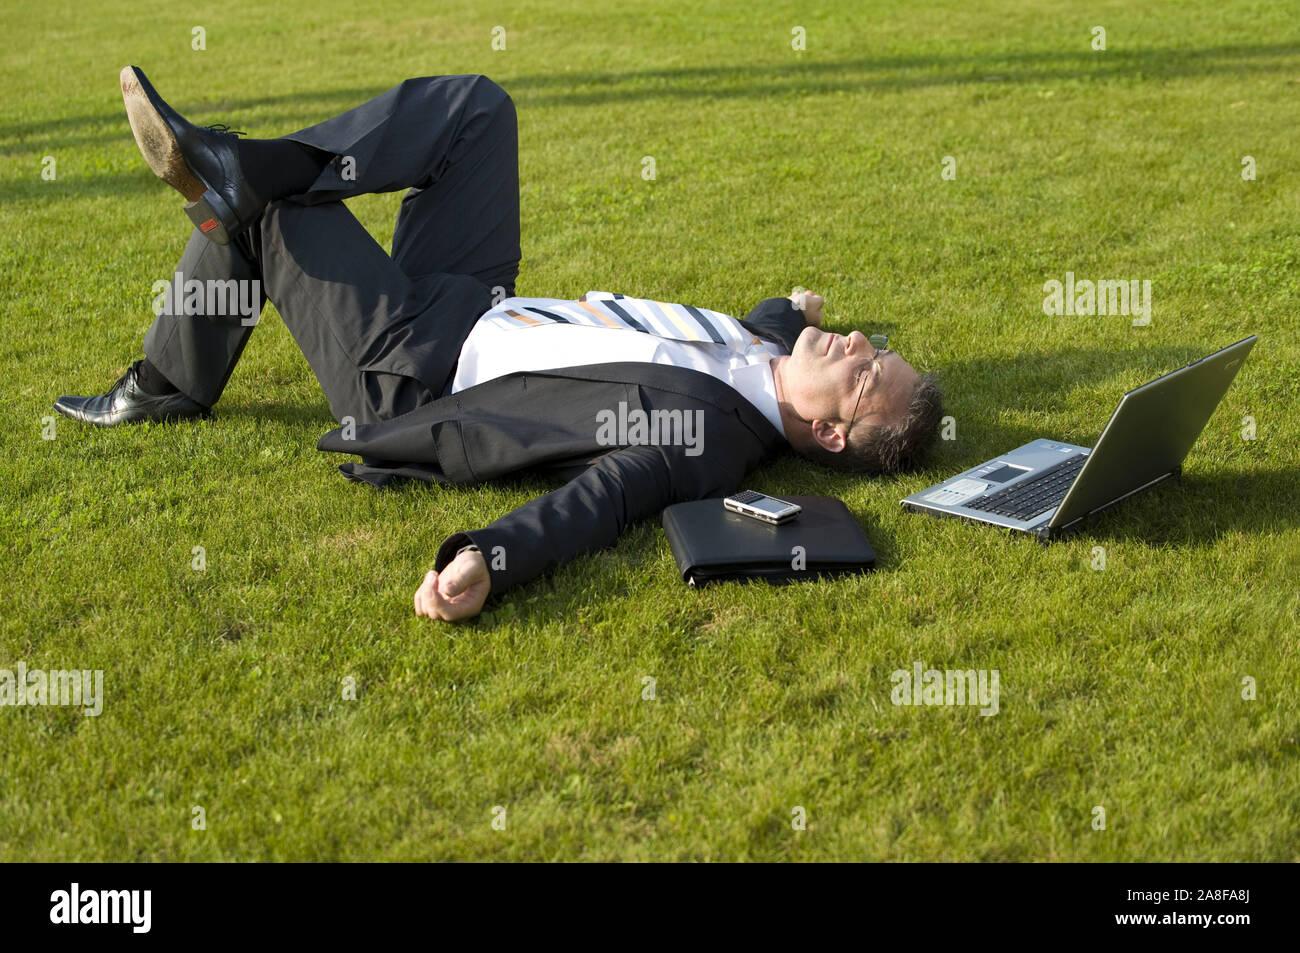 Geschäftsmann sitzt auf einer Wiese, schläft, ruht, Pause, Mittagspause, Burn Out, Laptop, Computer, MR:Yes Stock Photo